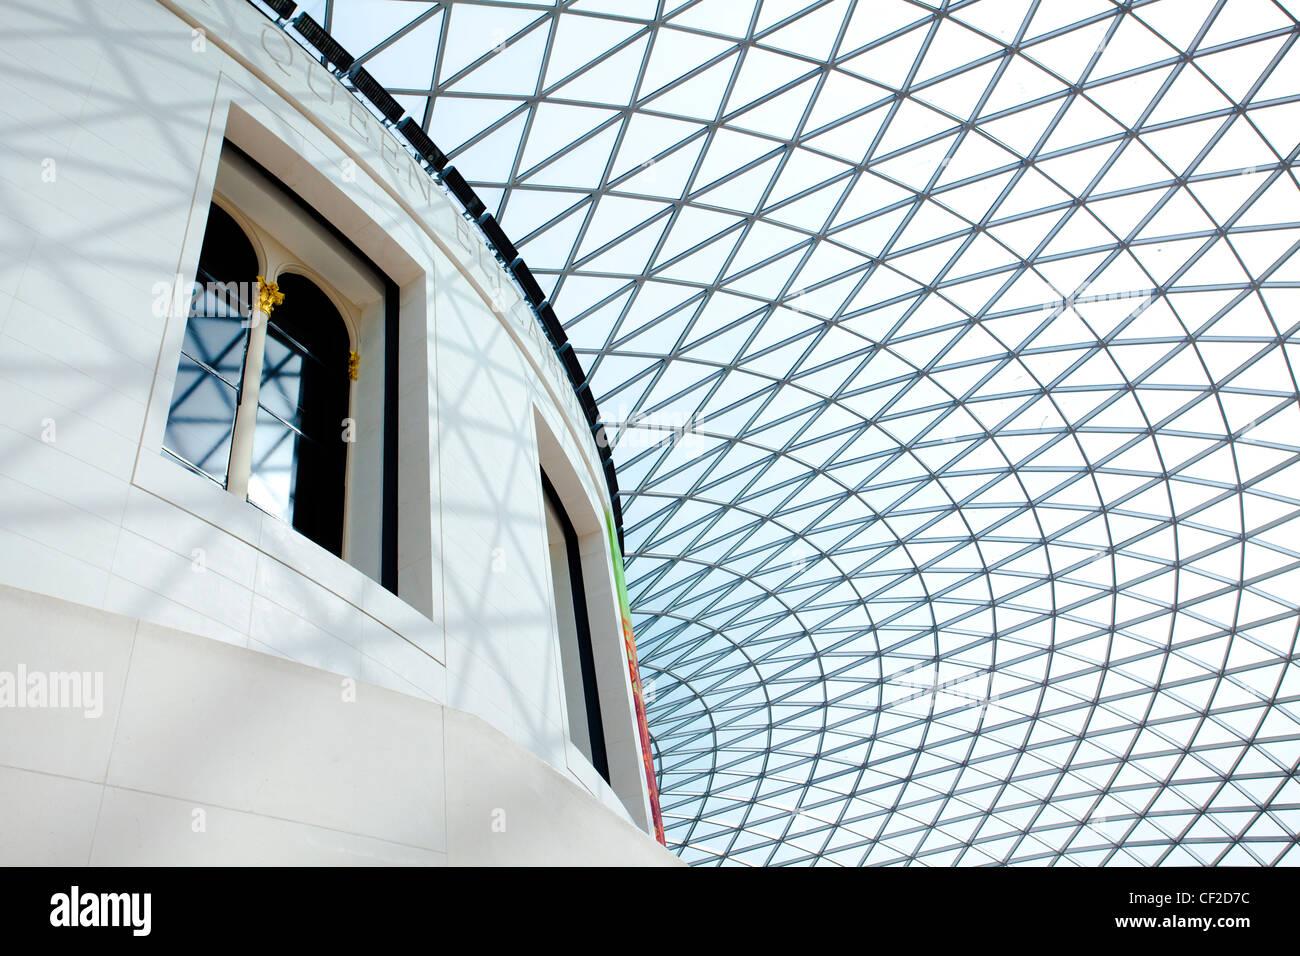 El techo de cristal que cubre el Queen Elizabeth II Great Court en el Museo Británico. Imagen De Stock